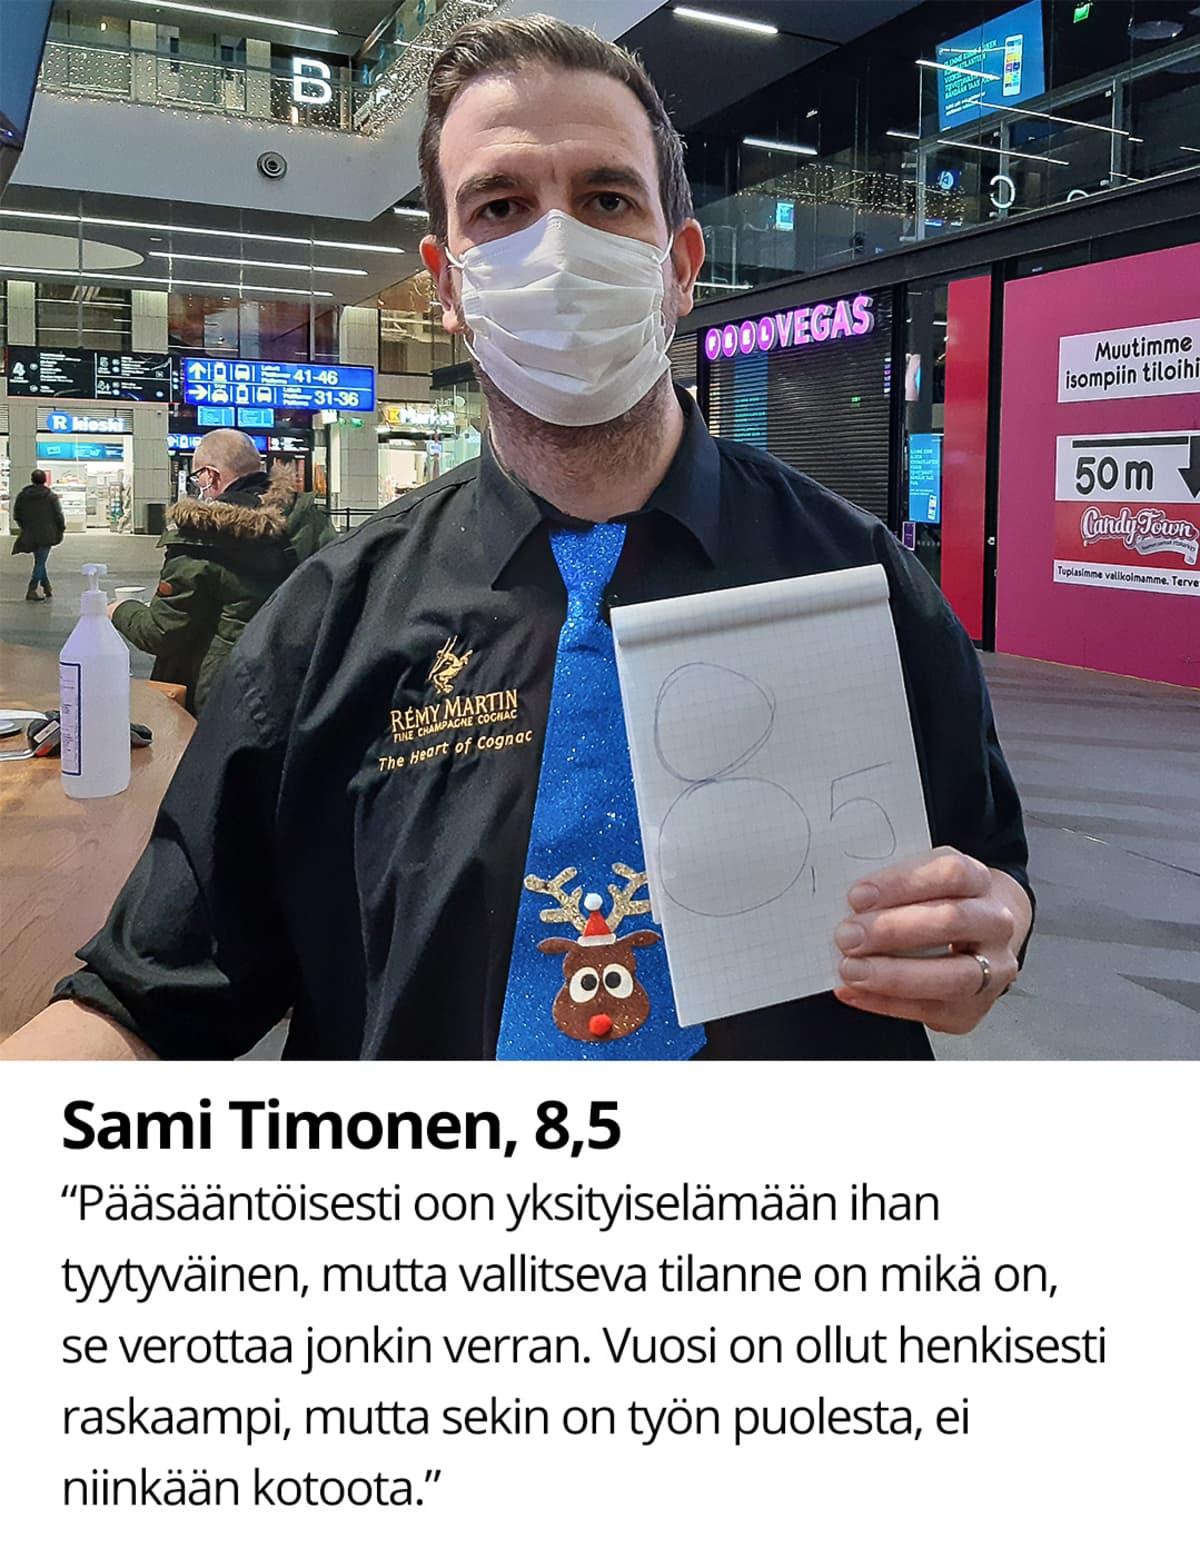 Sami Timonen, 8,5